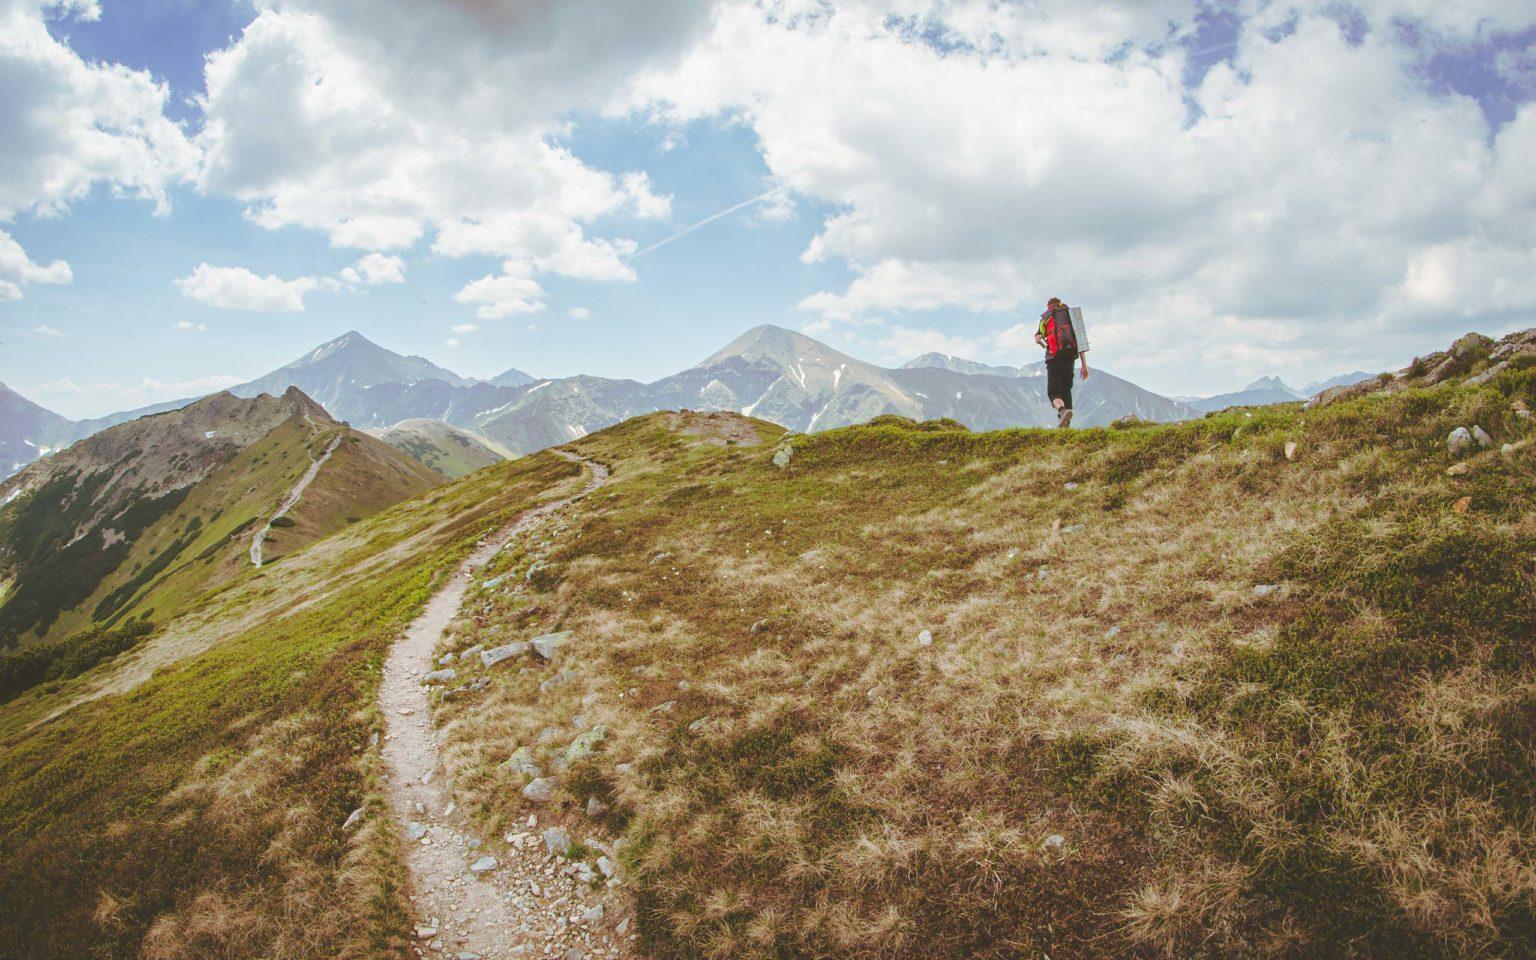 Mężczyzna idzie na grani w Tatrach. W tle Tatry Zachodnie